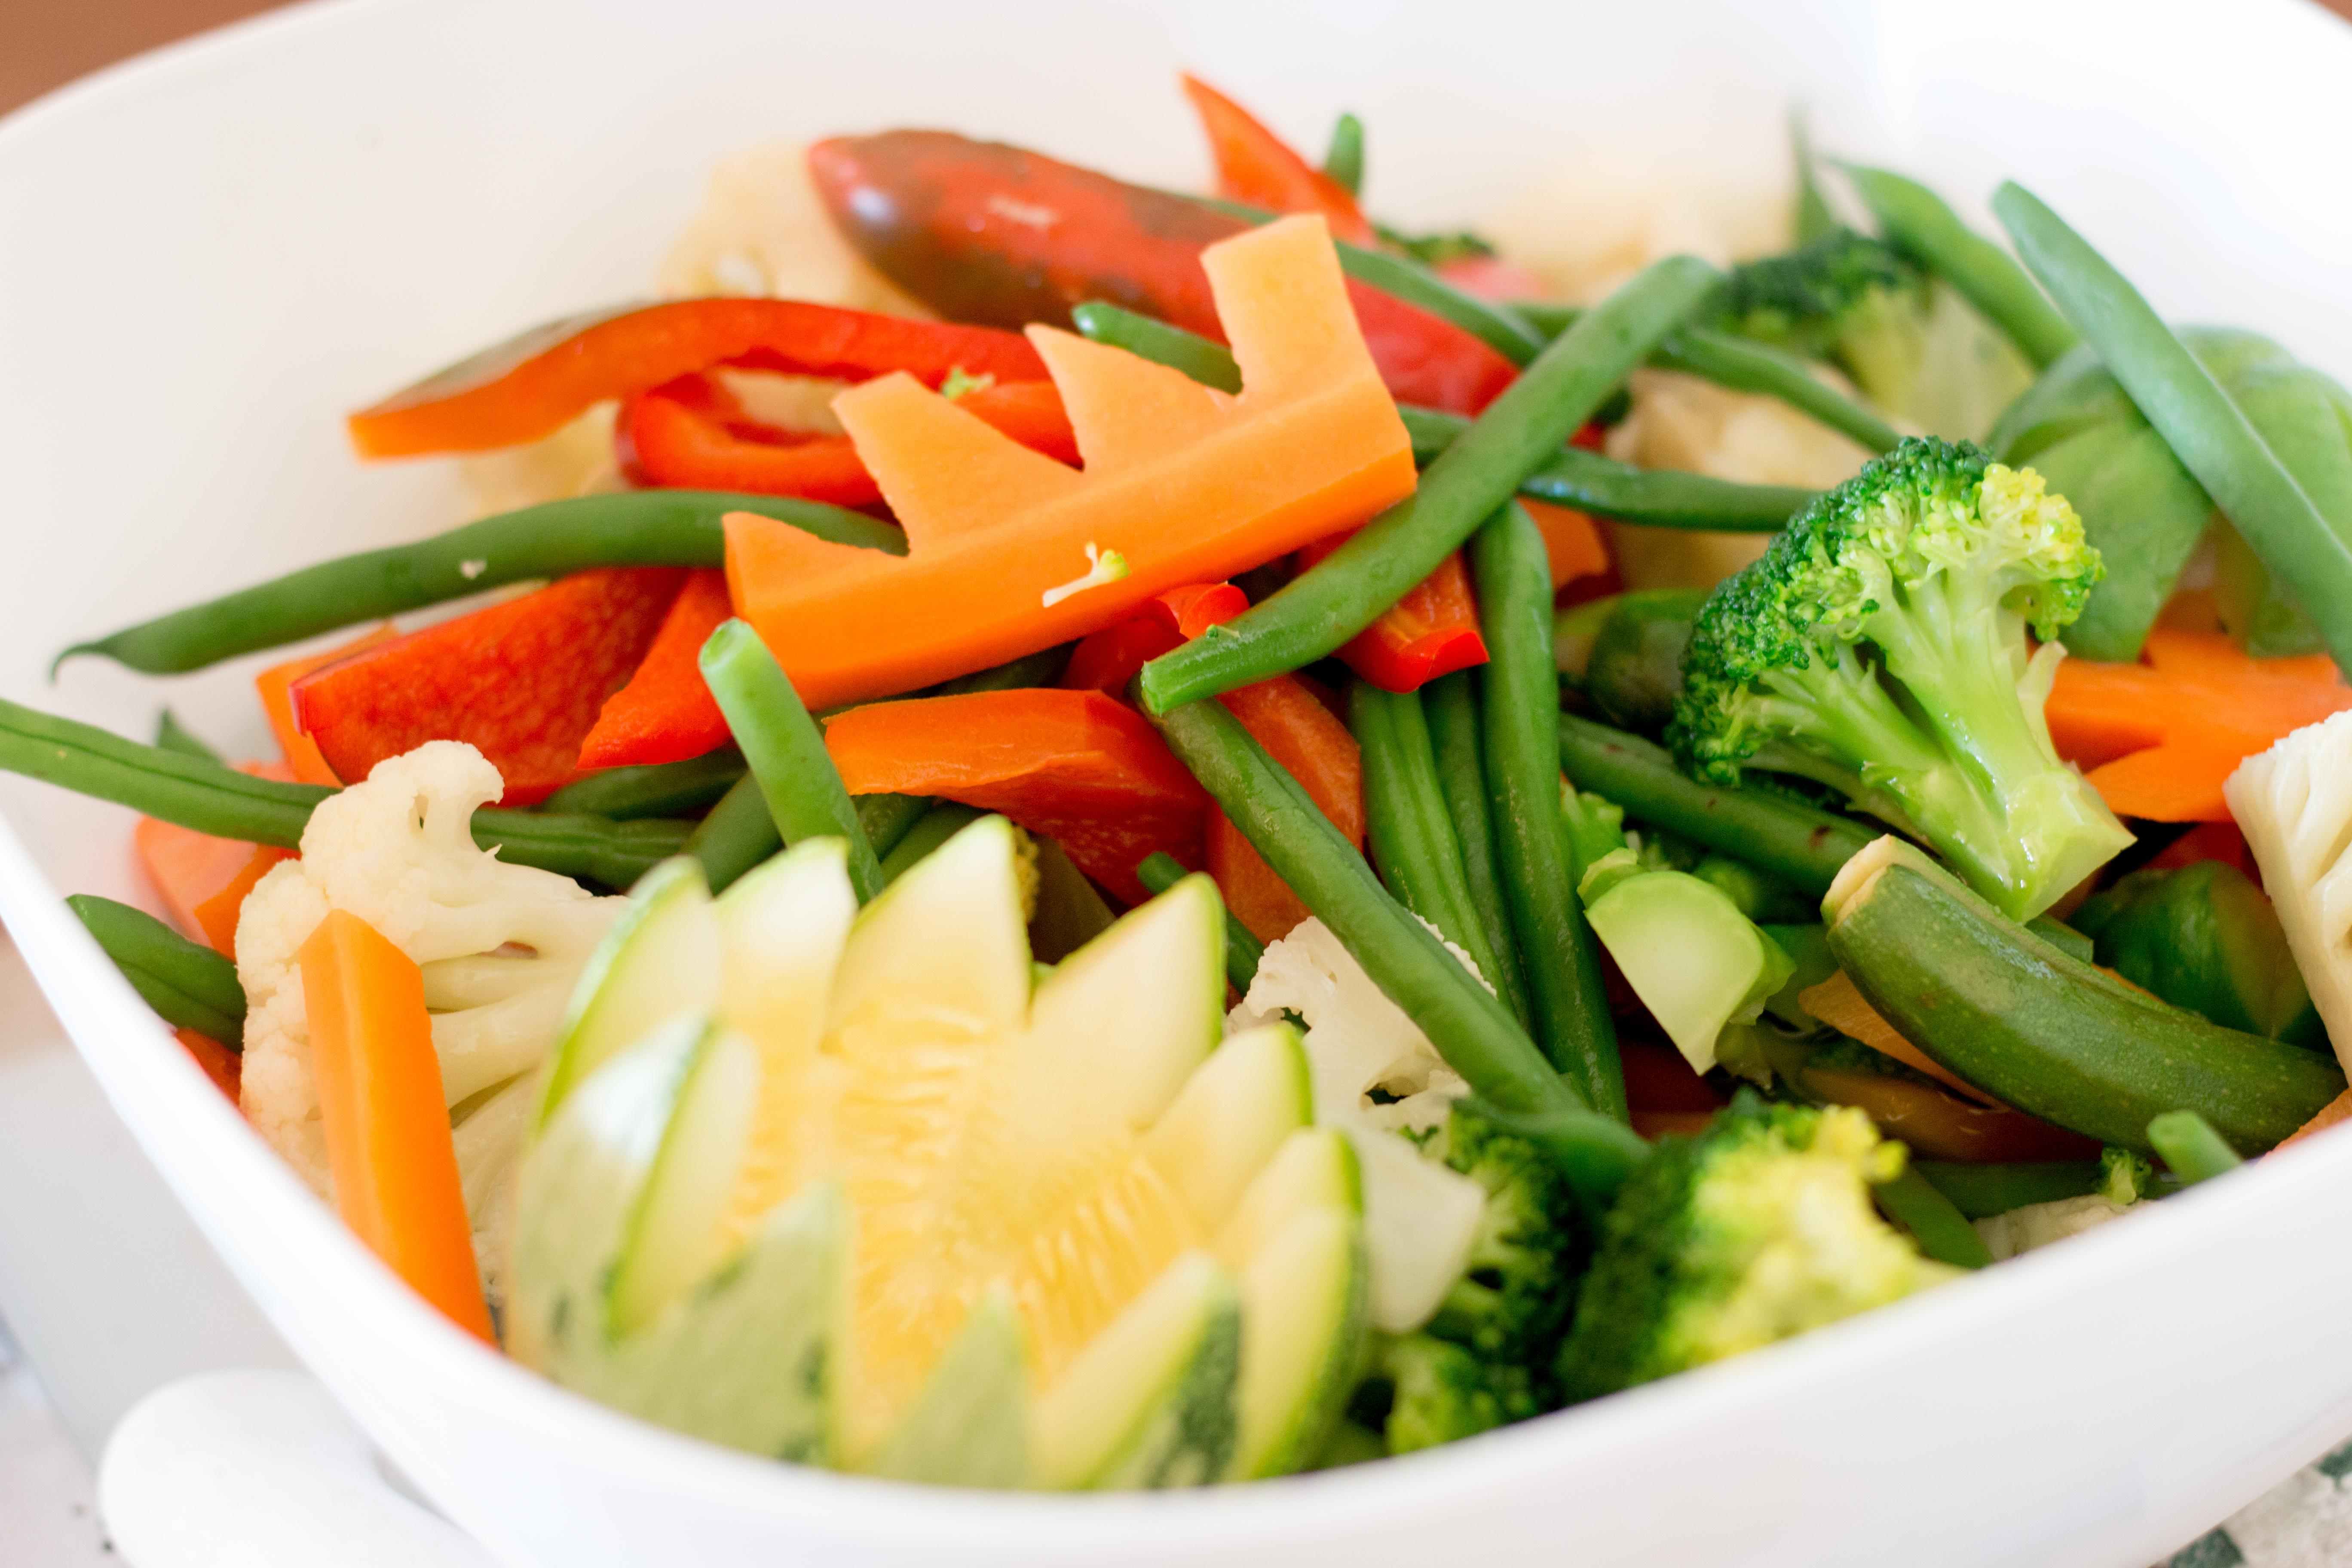 Crisp vegetables